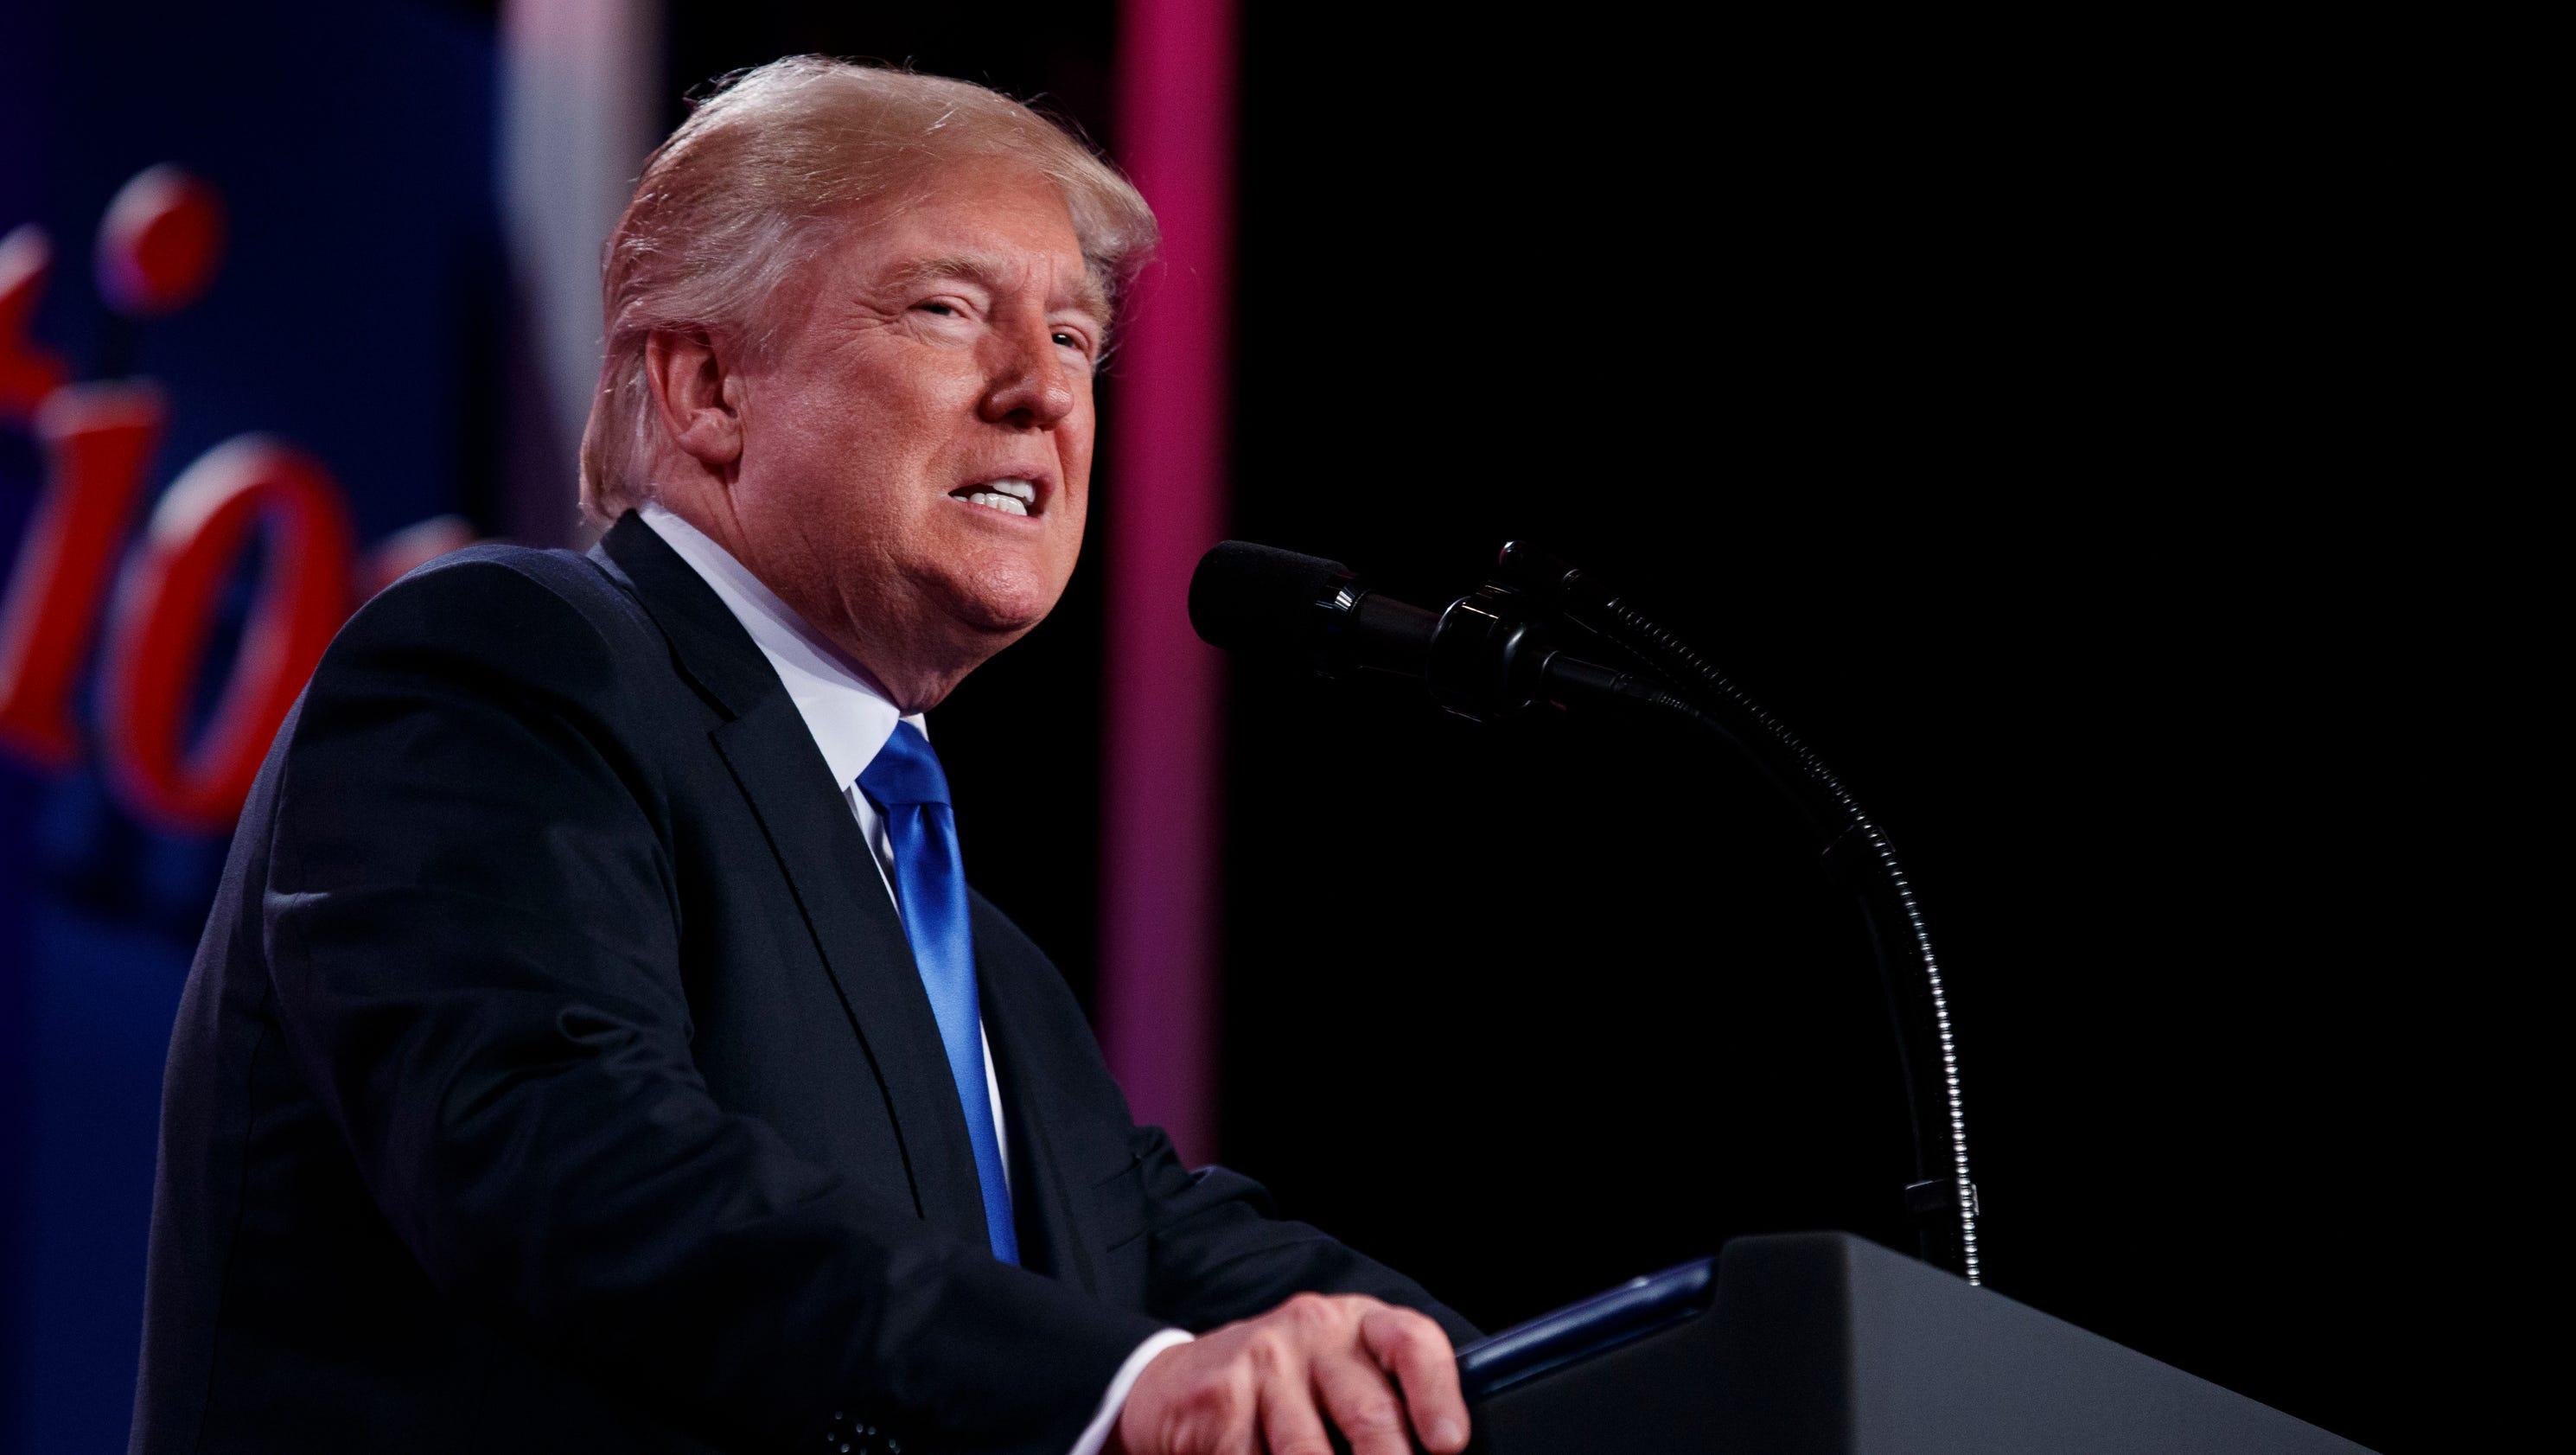 Trump de-certifies Iran nuclear deal, announces more sanctions against Iran